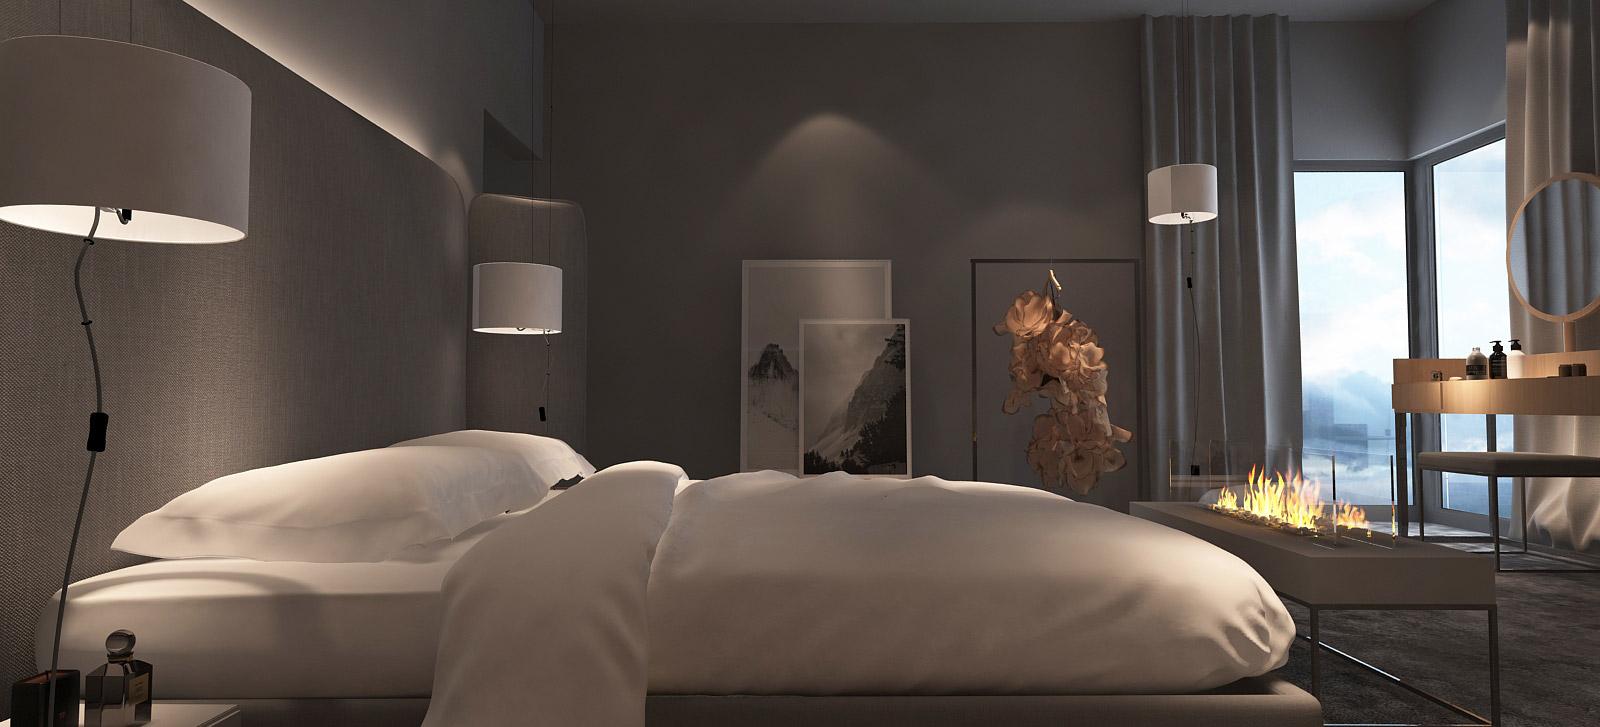 mono-projektowanie-wnetrz-katowice-krakow-tychy-gliwice-nowoczesna-sypialnia